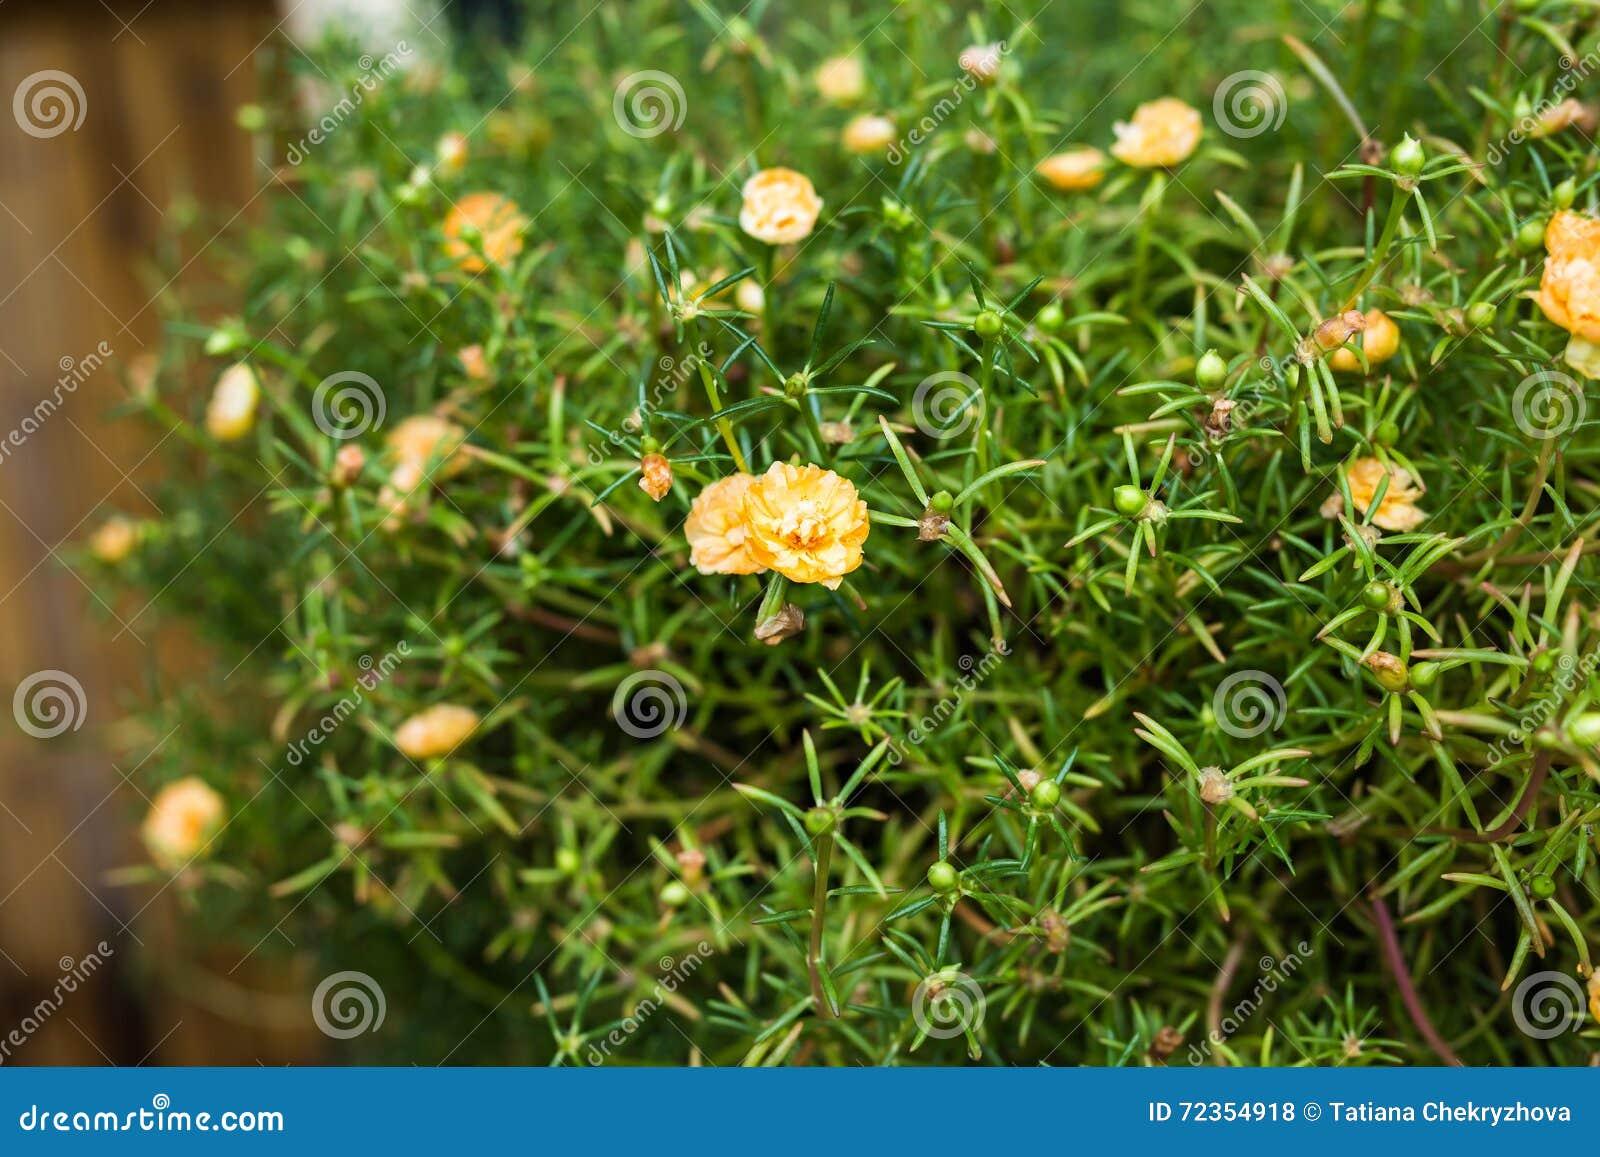 春天或夏天背景与美丽的黄色花